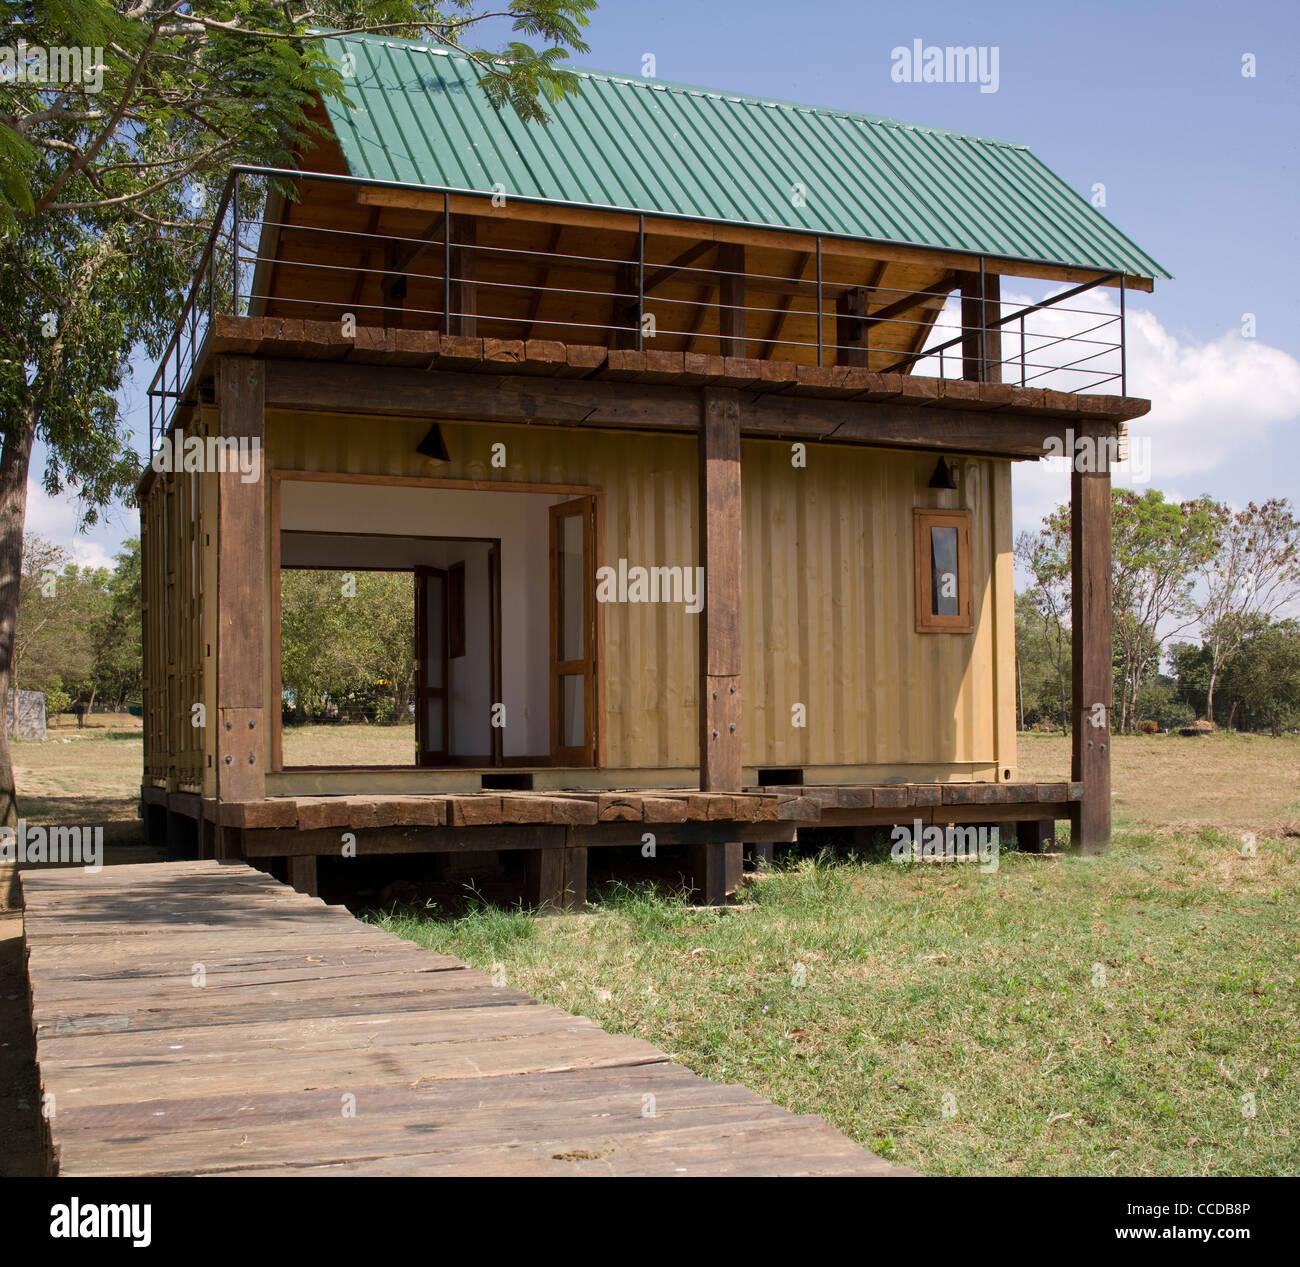 Tiny Homes 500 Sq Ft Holiday Cabana Maduru Oya Sri Lanka Damith Premathilake